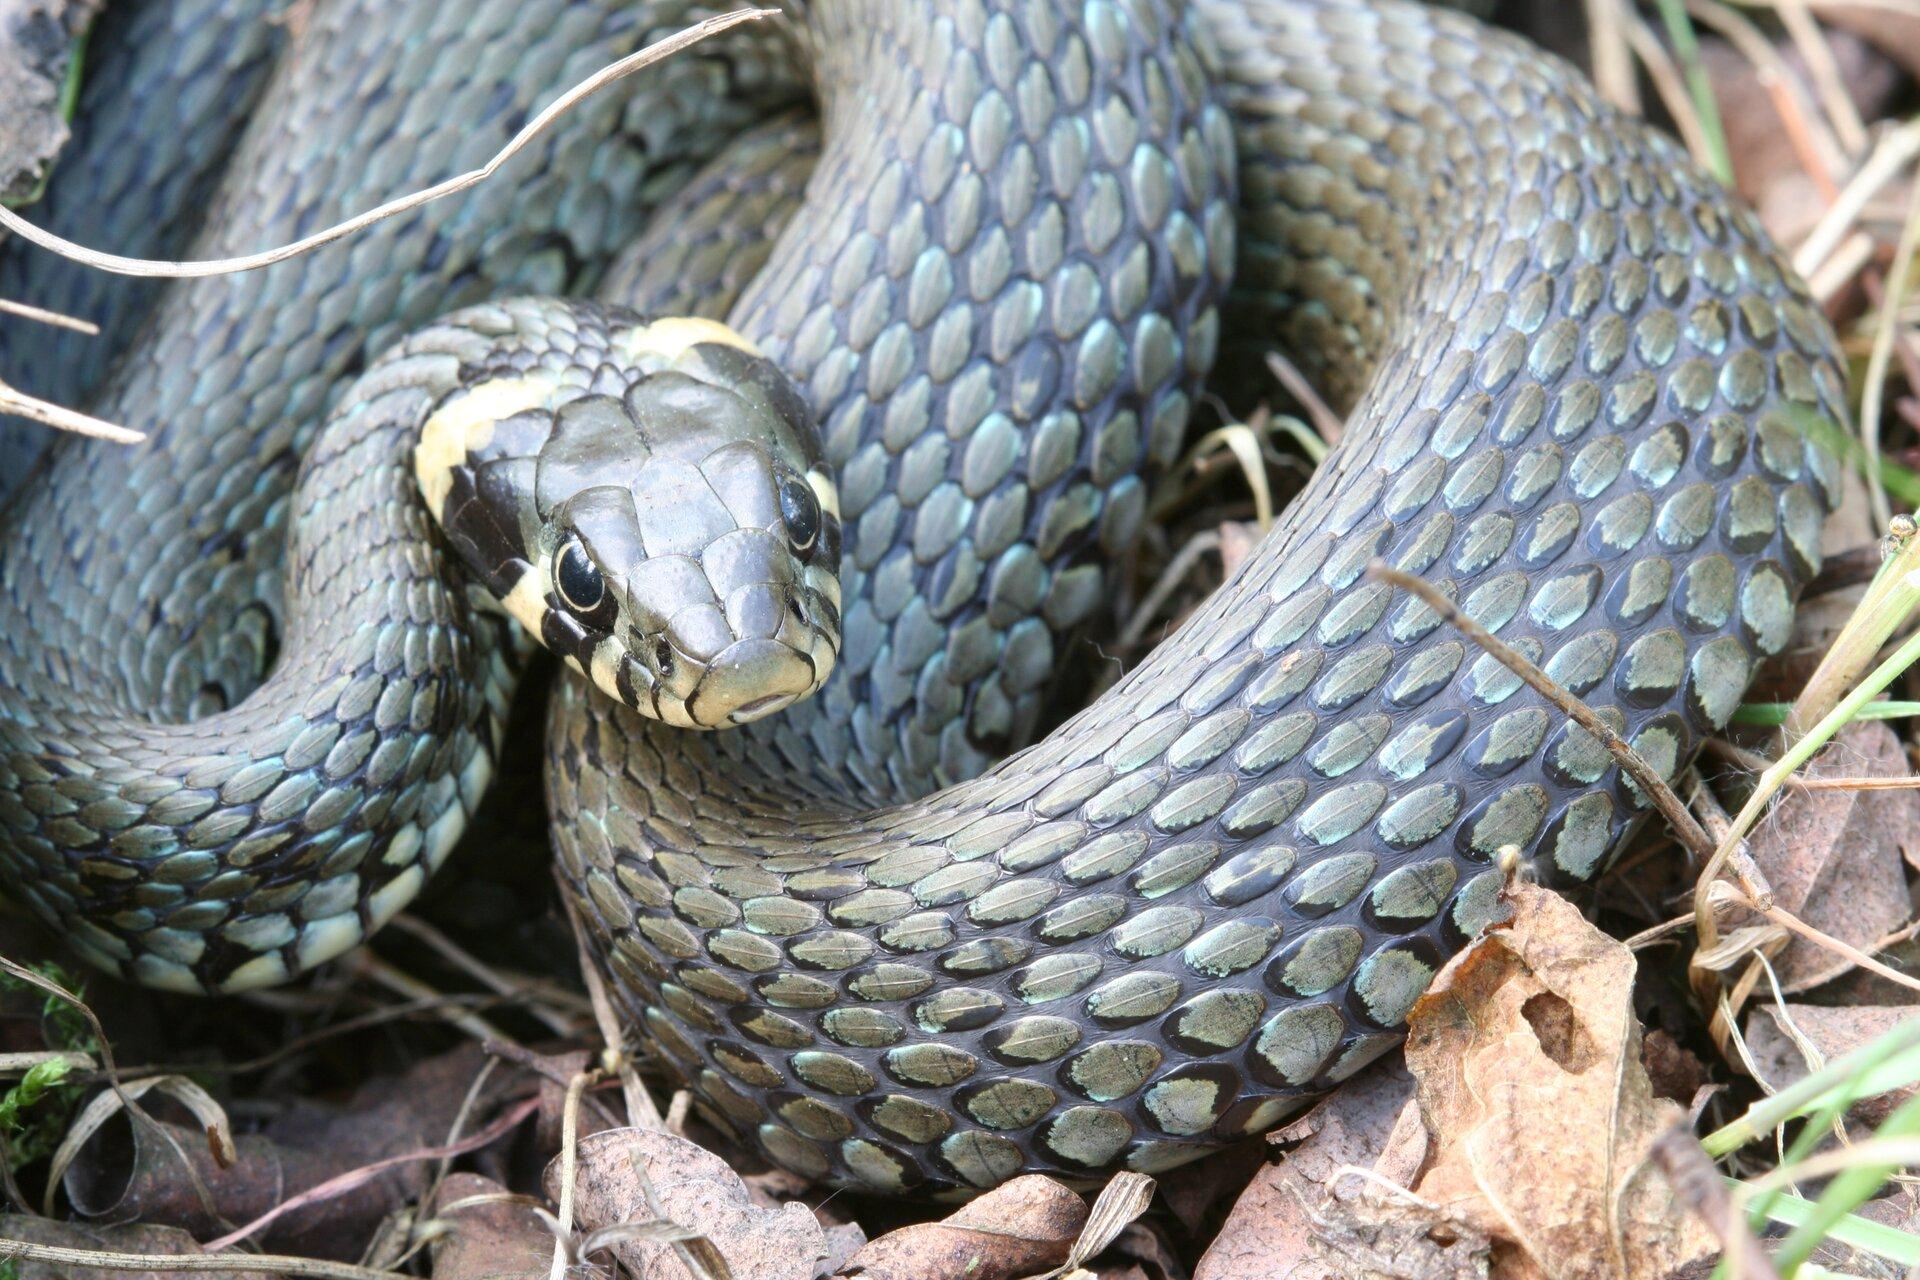 Fotografia przedstawia zwiniętego brązowego węża - zaskrońca, leżącego na ziemi. Ciało jest czarne. Ma uniesioną głowę, na spodzie jaśniejszą. Za głową dwie wyraźne jasne plamy. Łuski duże, na brzuchu większe niż na grzbiecie.